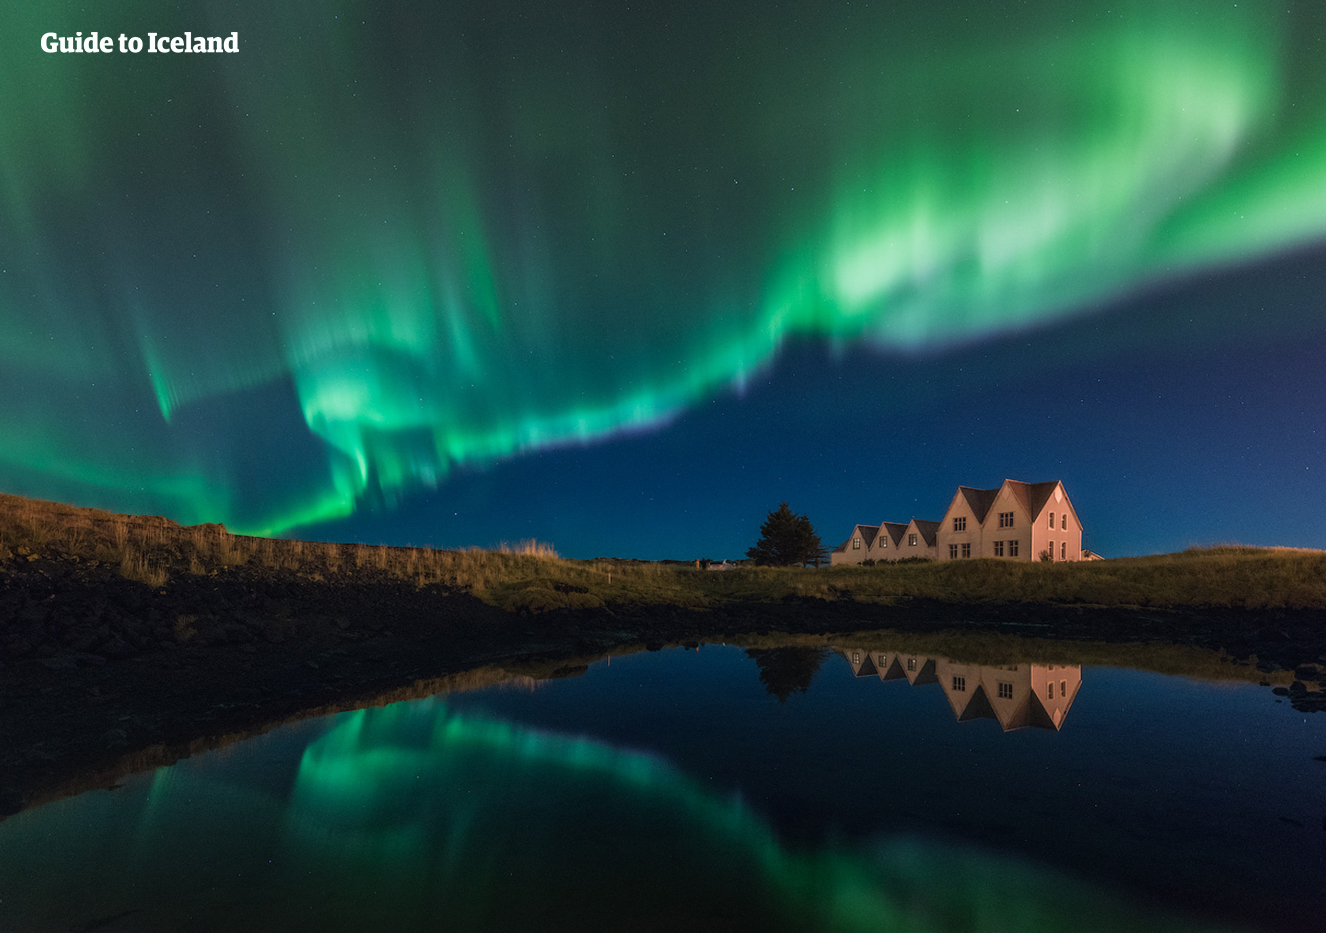 冰岛雷克亚内斯半岛的岸边伫立了许多造型奇特的火山岩石